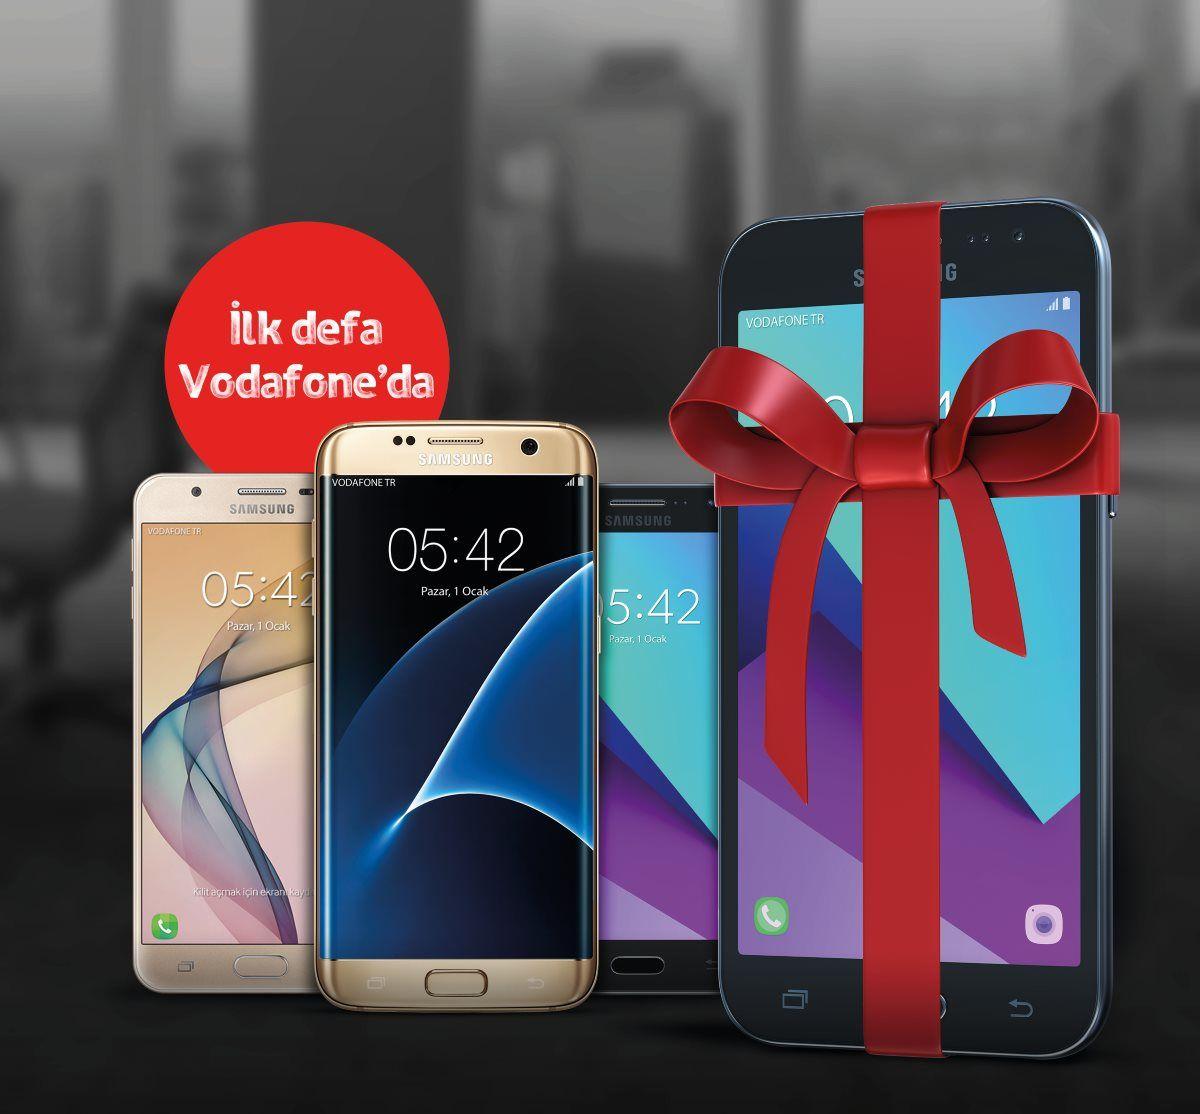 Photo of Vodafone Cihaz Puan Sorgulama 2020 Nasıl Yapılır?